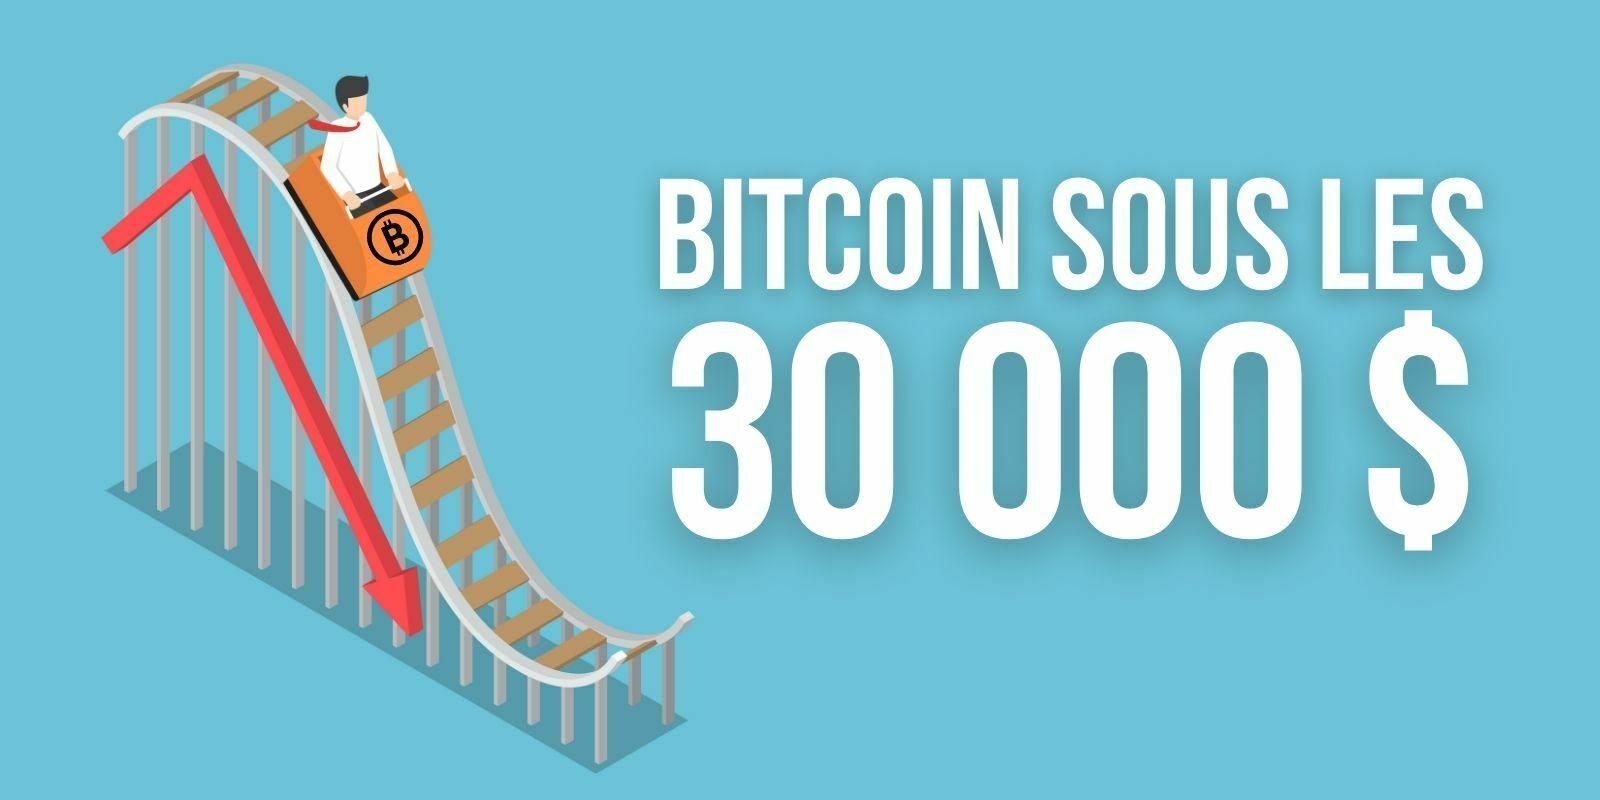 Bitcoin (BTC) sous les 30 000 dollars – Où sont les institutionnels?